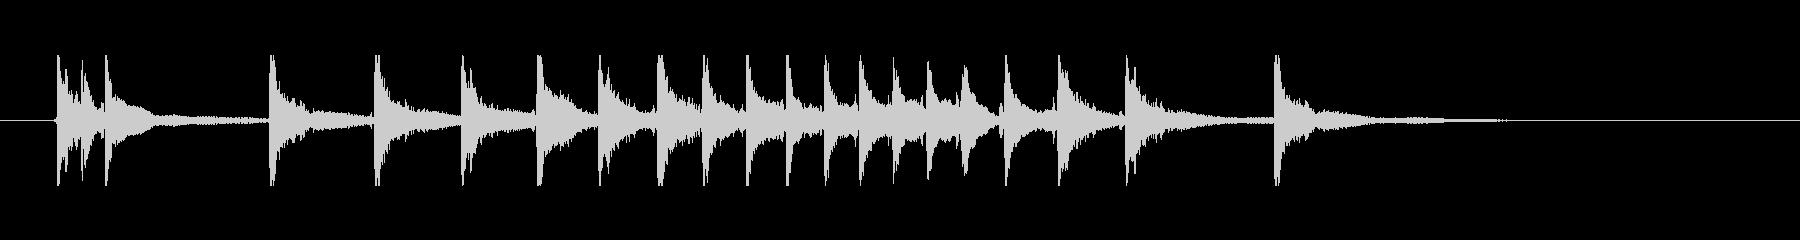 拍子木と三味線で締める3の未再生の波形